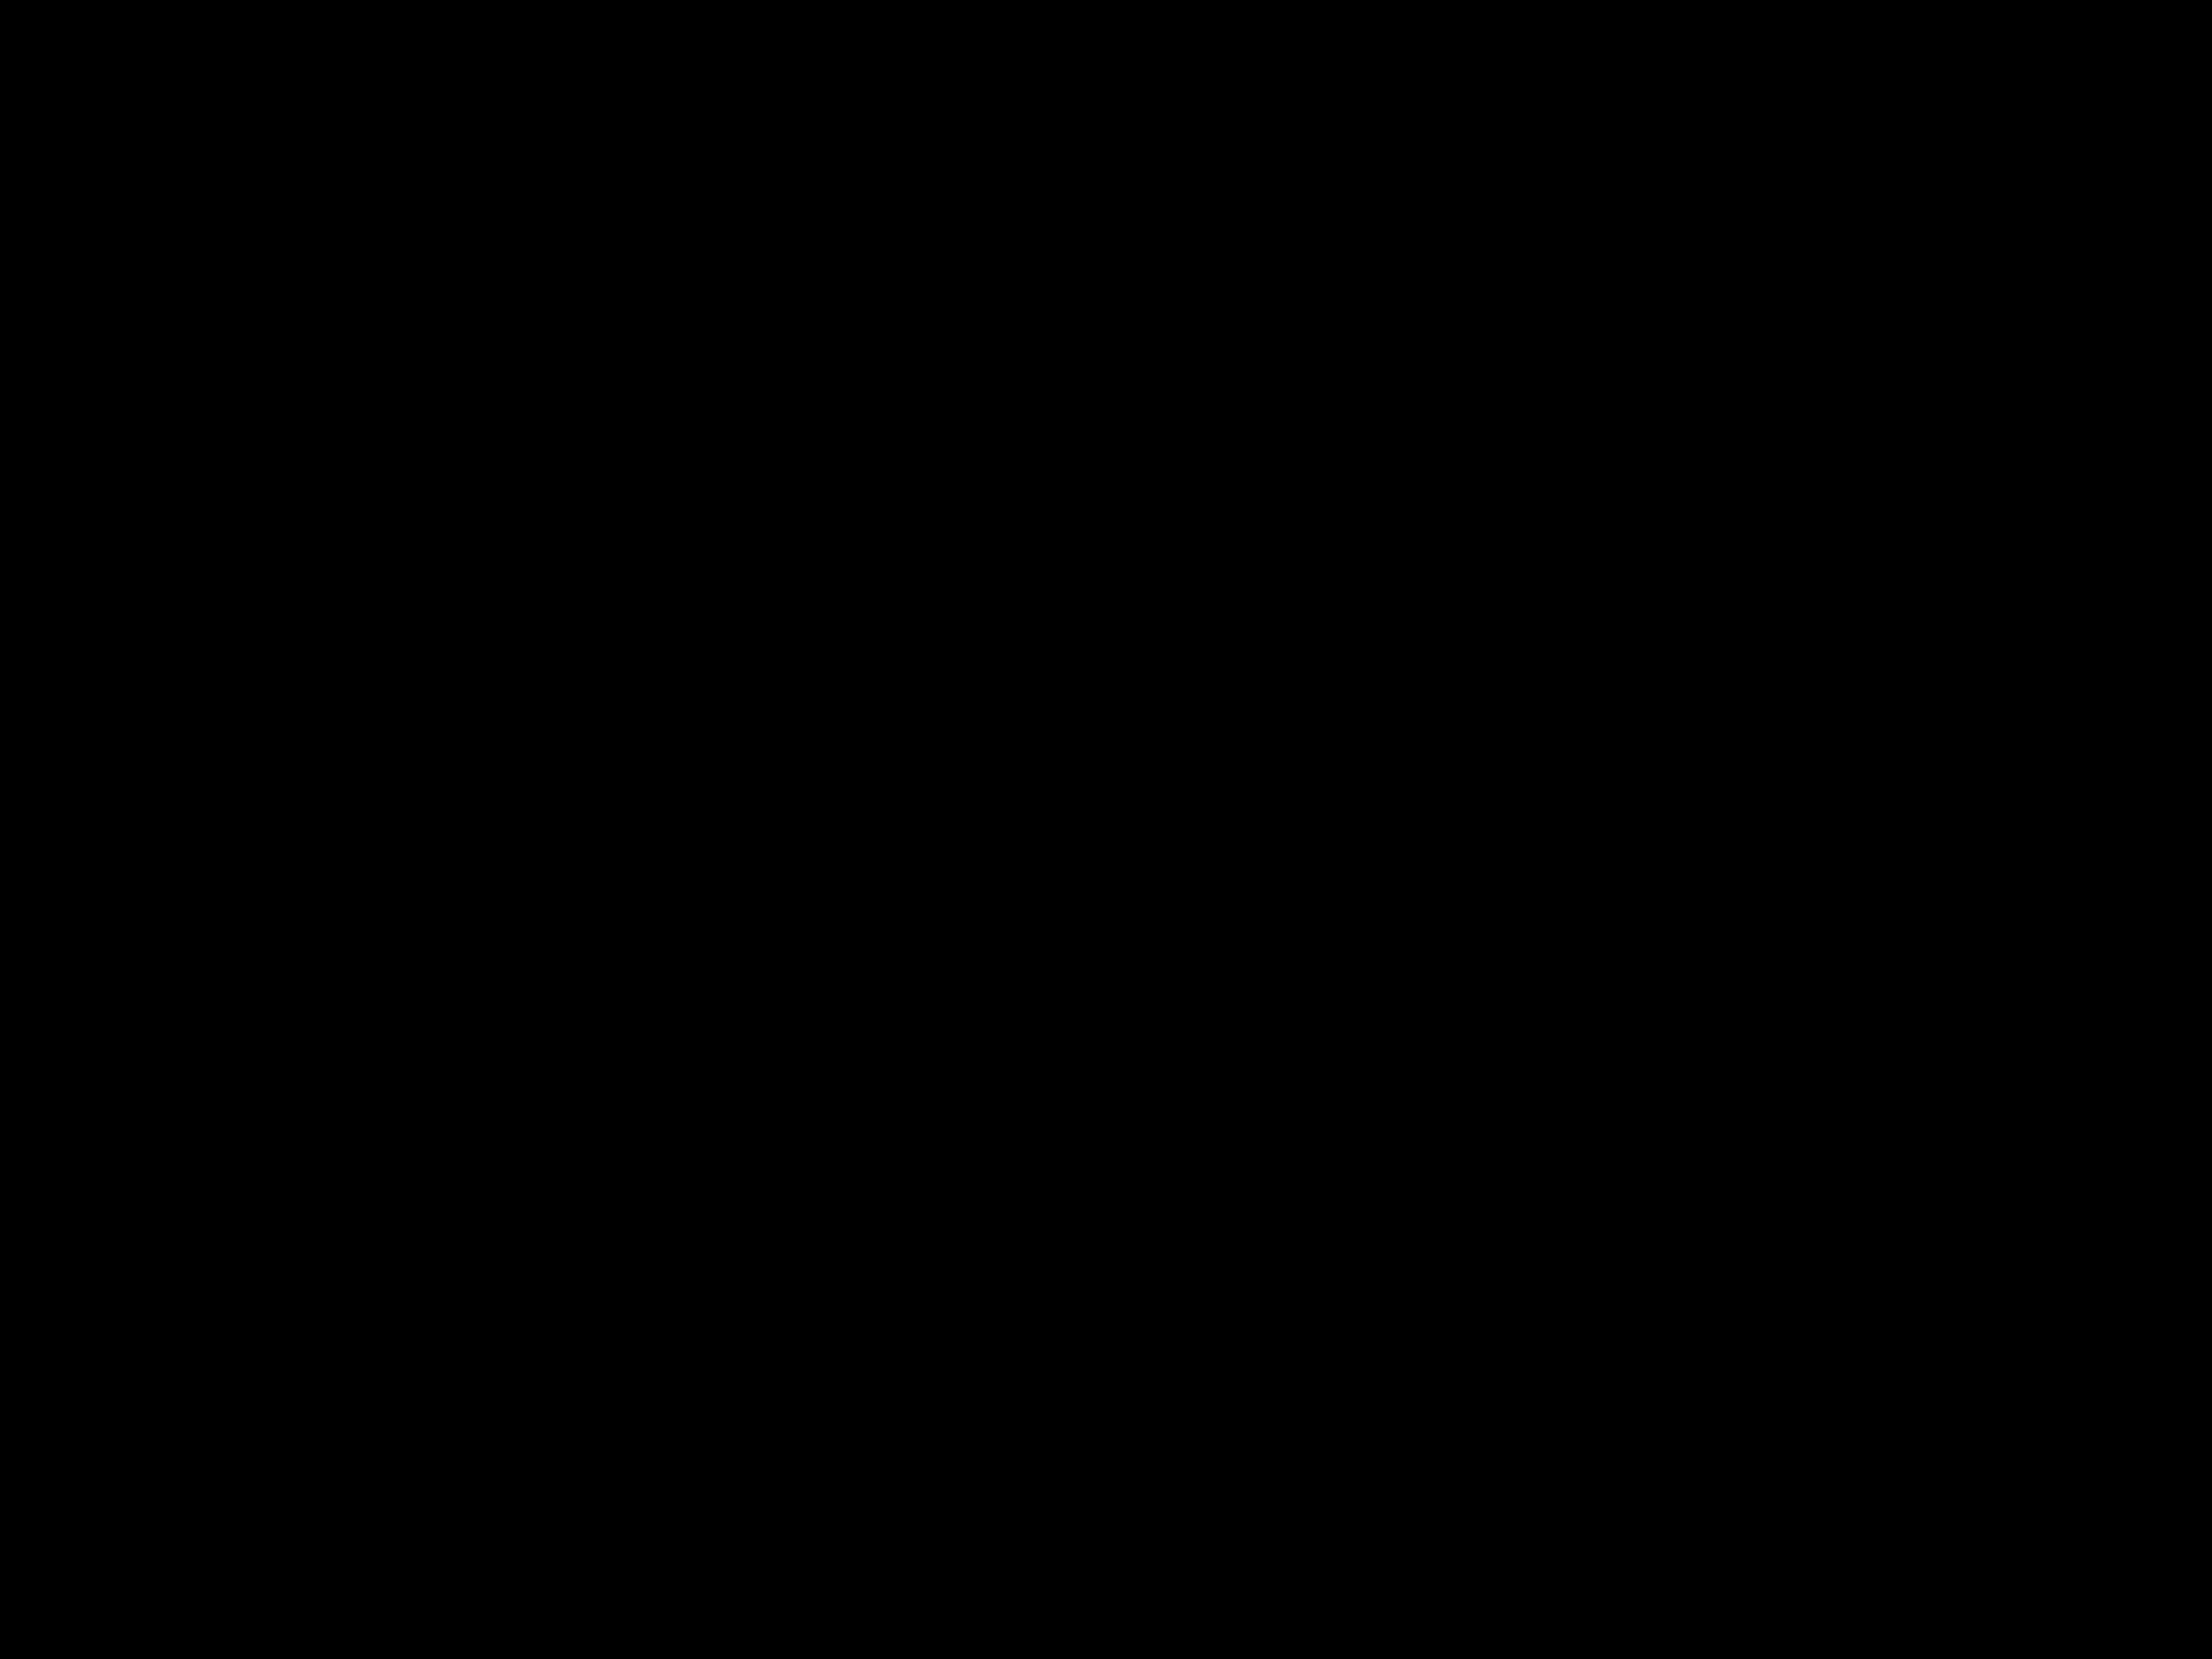 ausmalbilder kuh schwalbe ende schildkröte